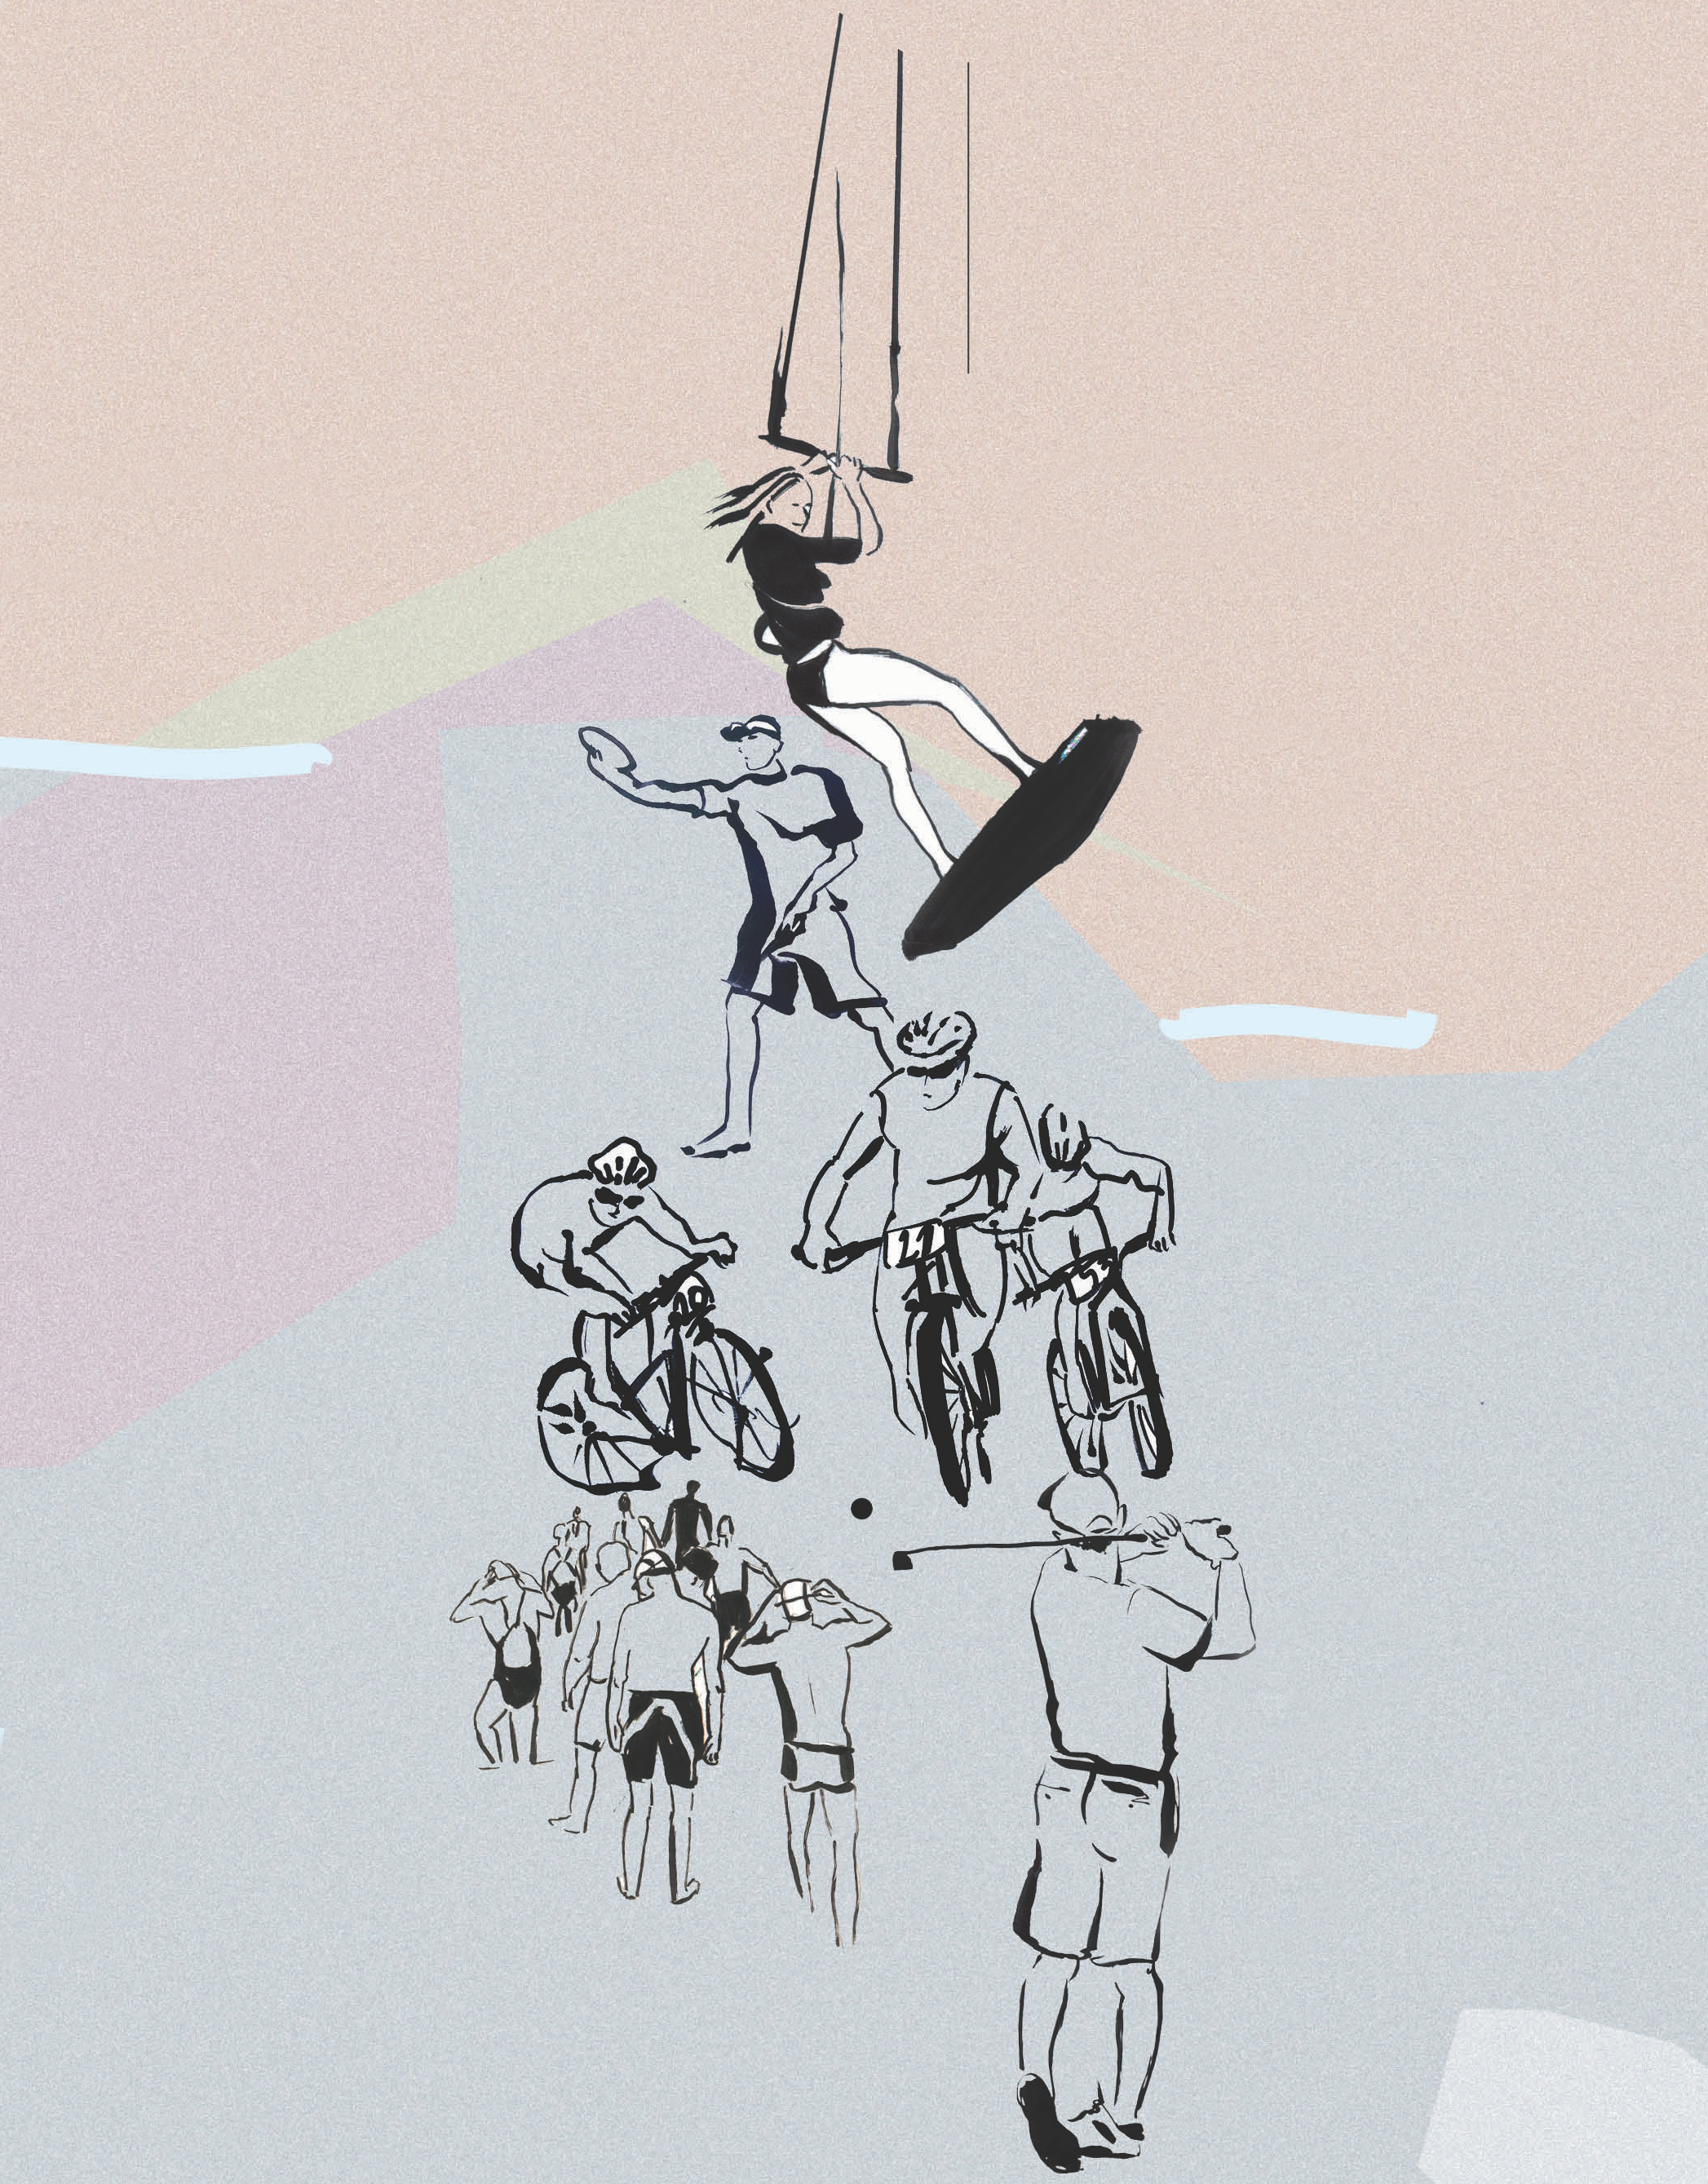 Illustratsioon: EIKE MALVA ILLUSTRATION AND WALLART